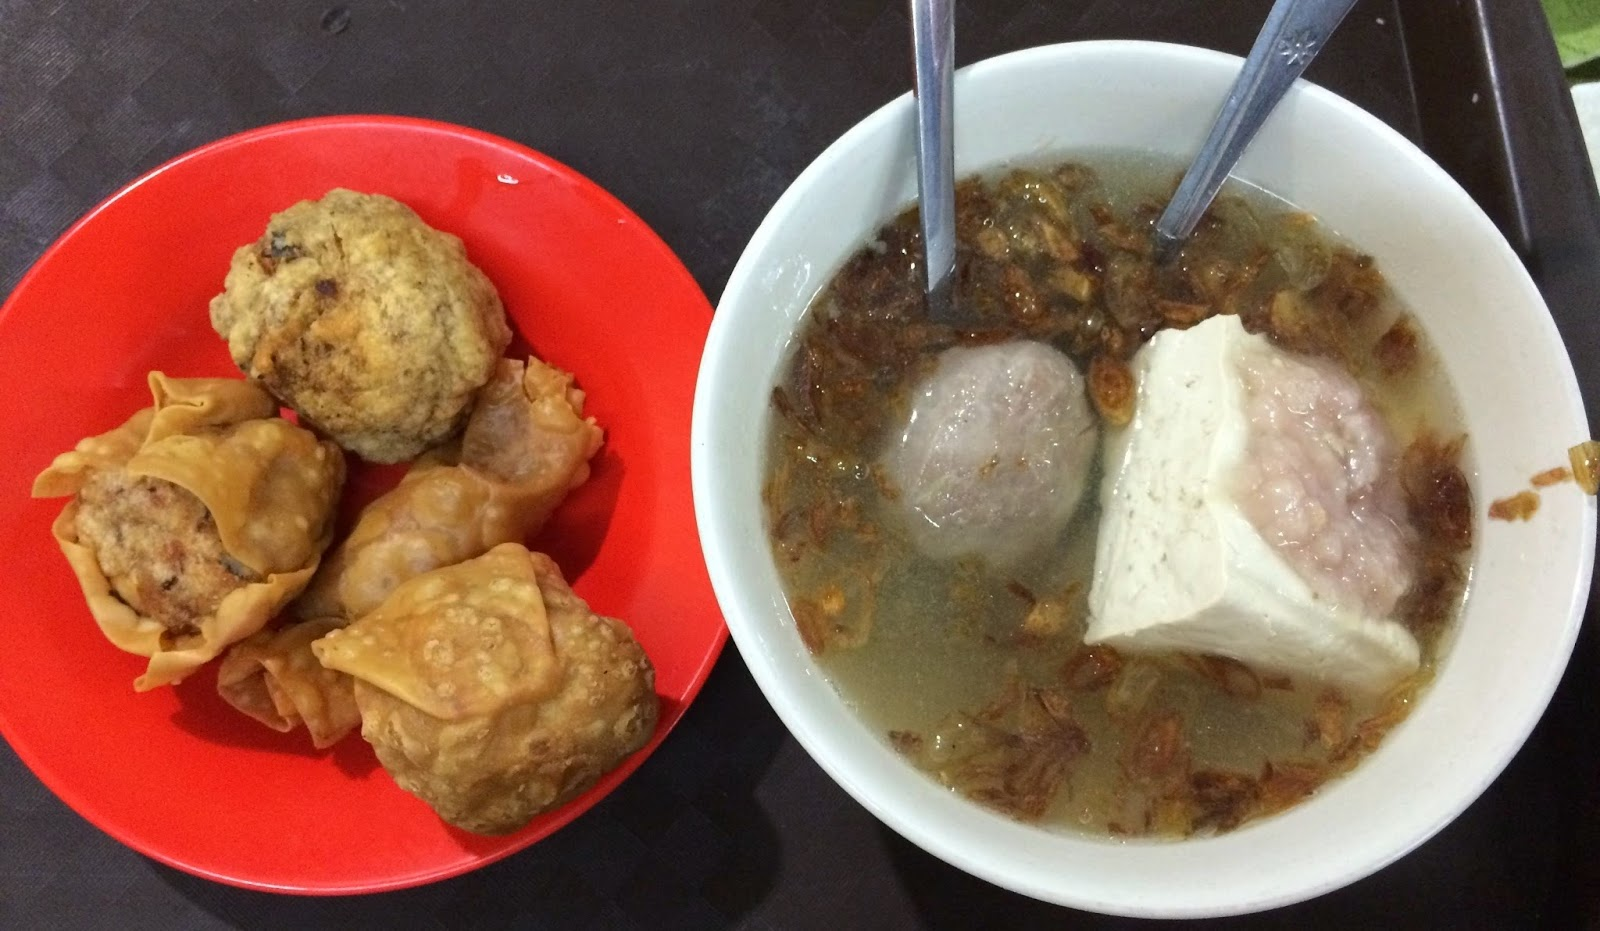 Inspirasikukeni Jauh Jauh Makan Bakso Bakwan Malang Cak Su Kumis Di Rawamangun